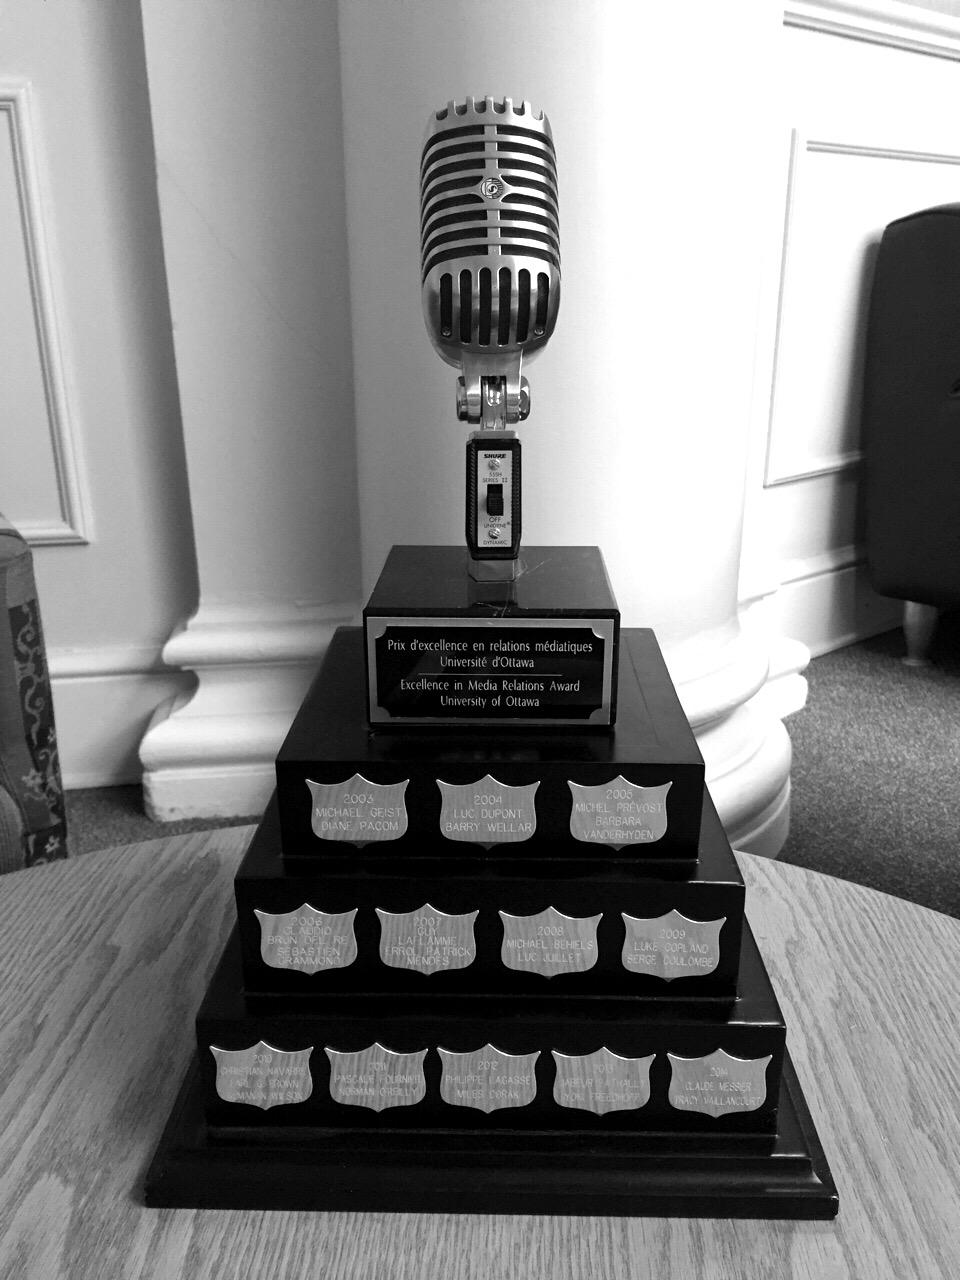 Grand trophée avec un microphone au-dessus posé sur une table.